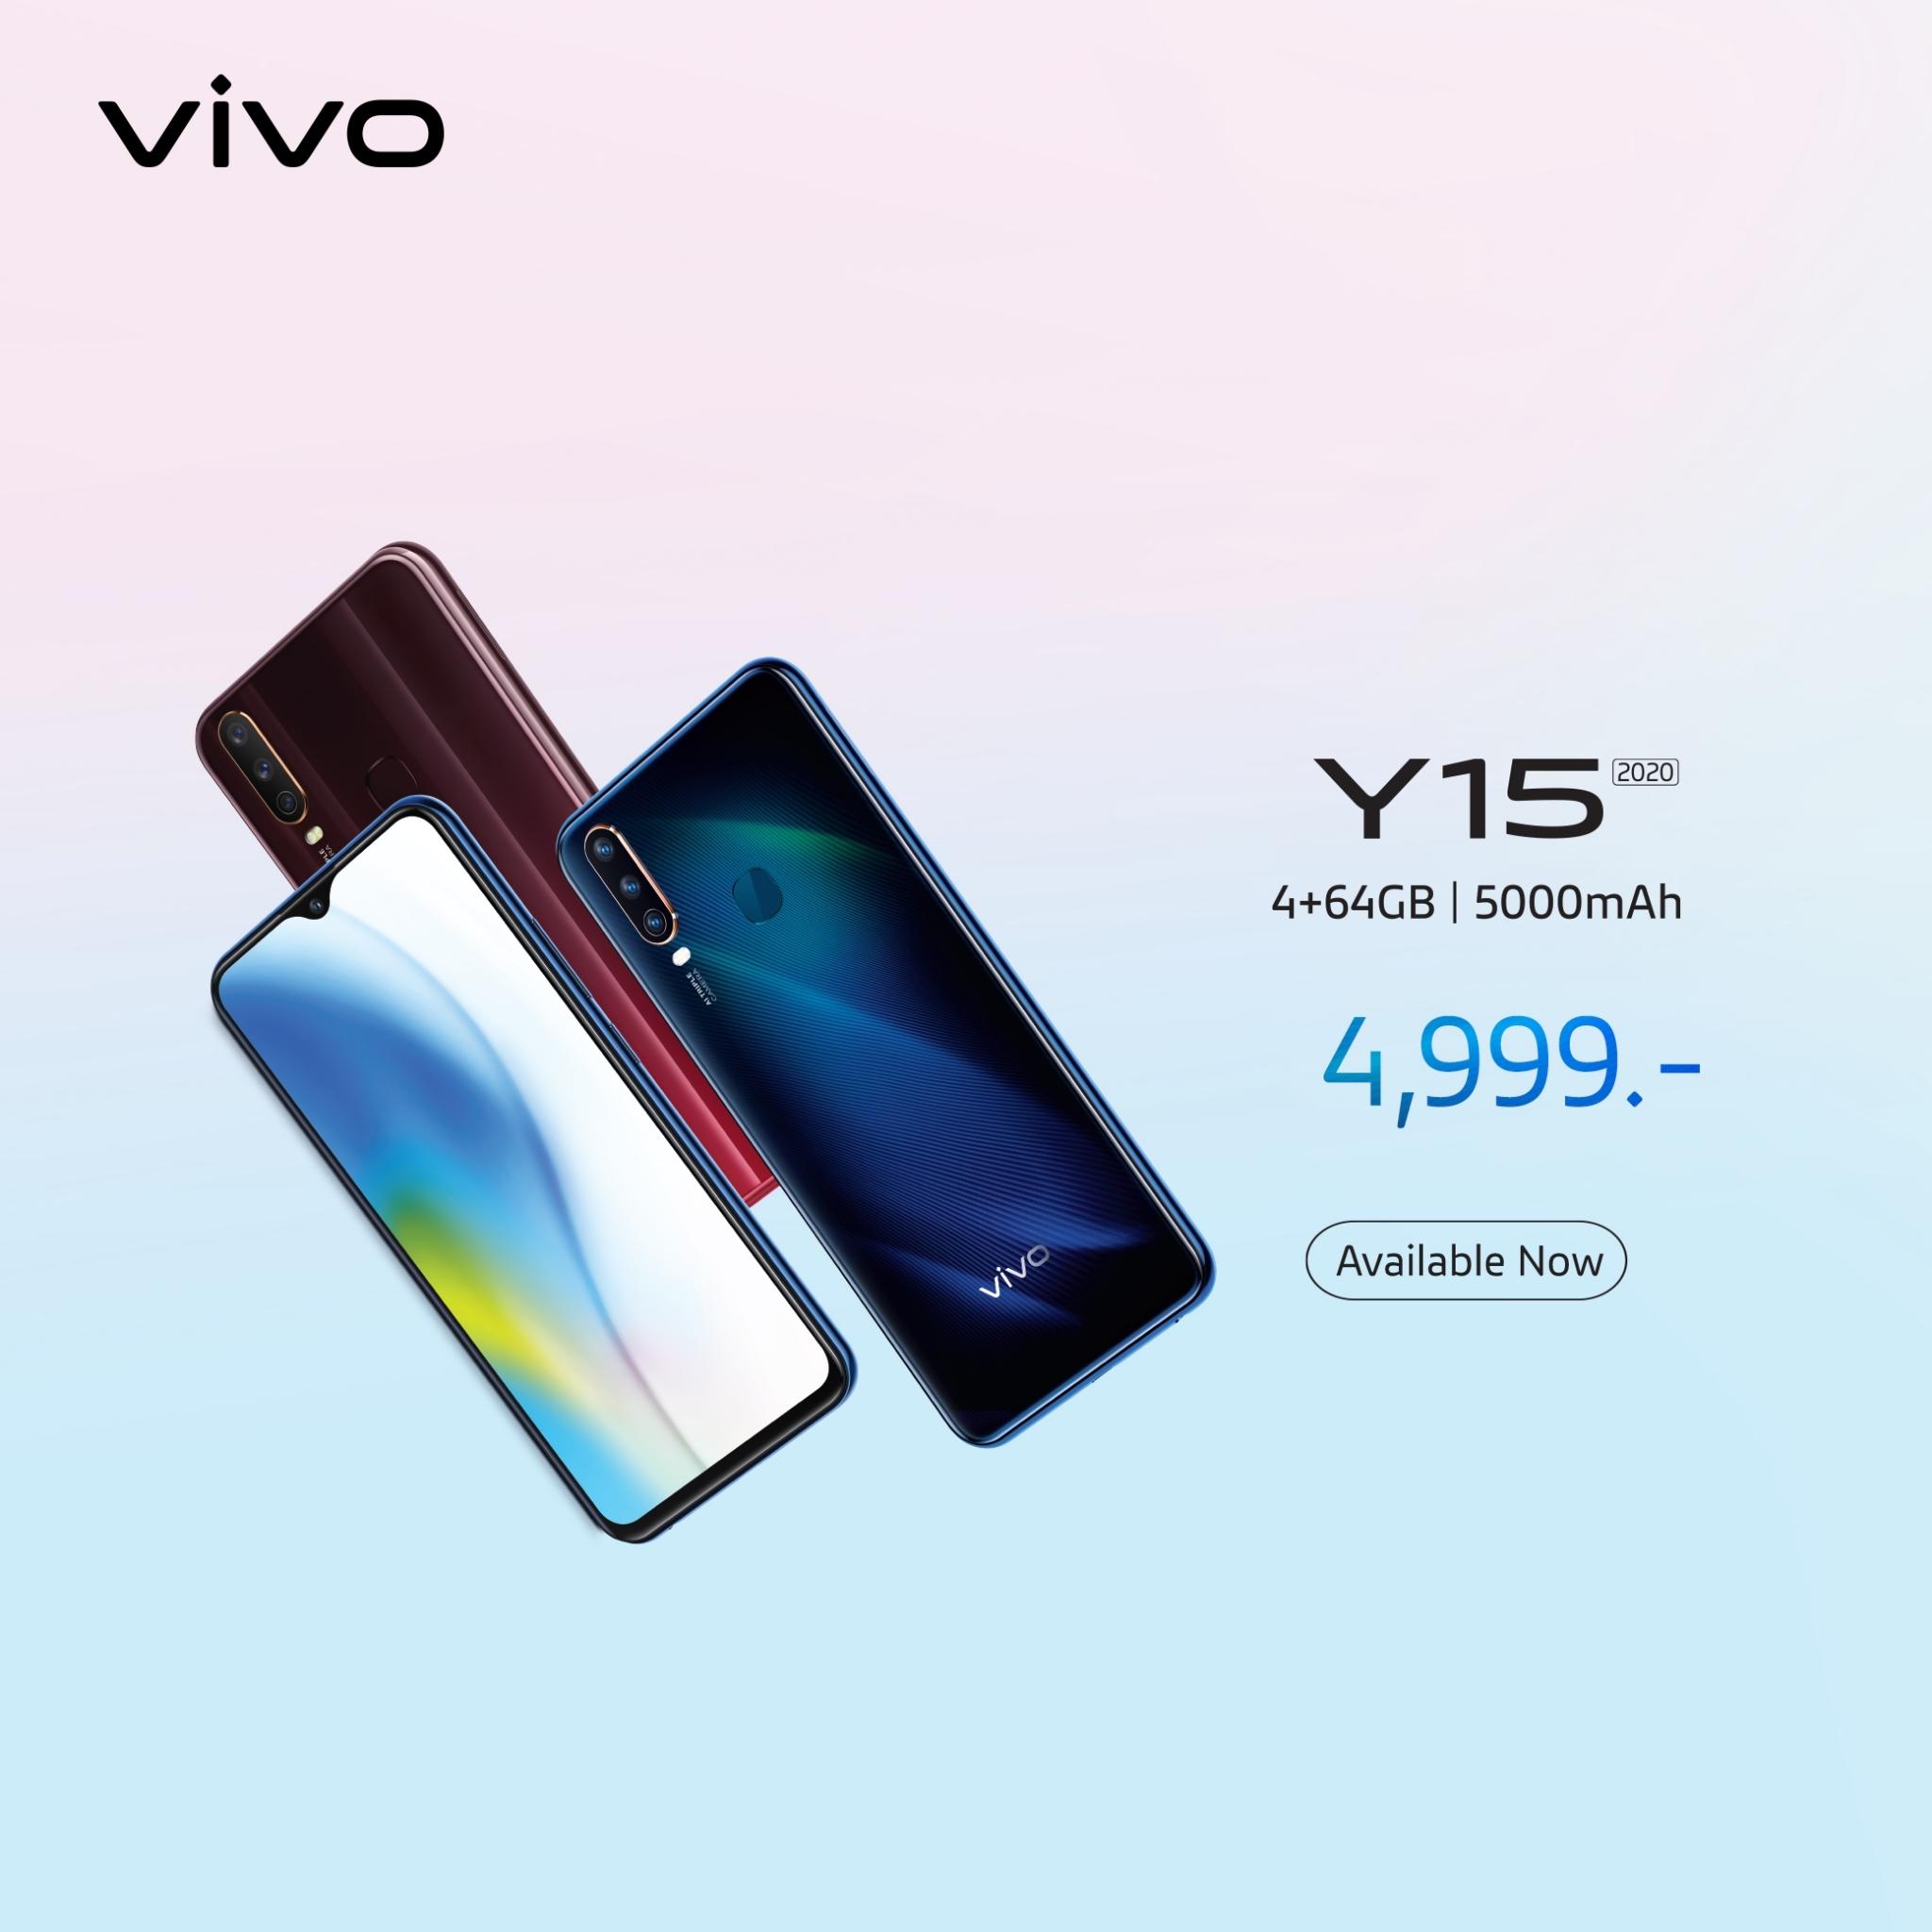 Vivo Y15 2020 กลับมาอีกครั้ง จิ๋วแต่แจ๋วกว่าเดิม เพียง 4,999 เท่านั้น